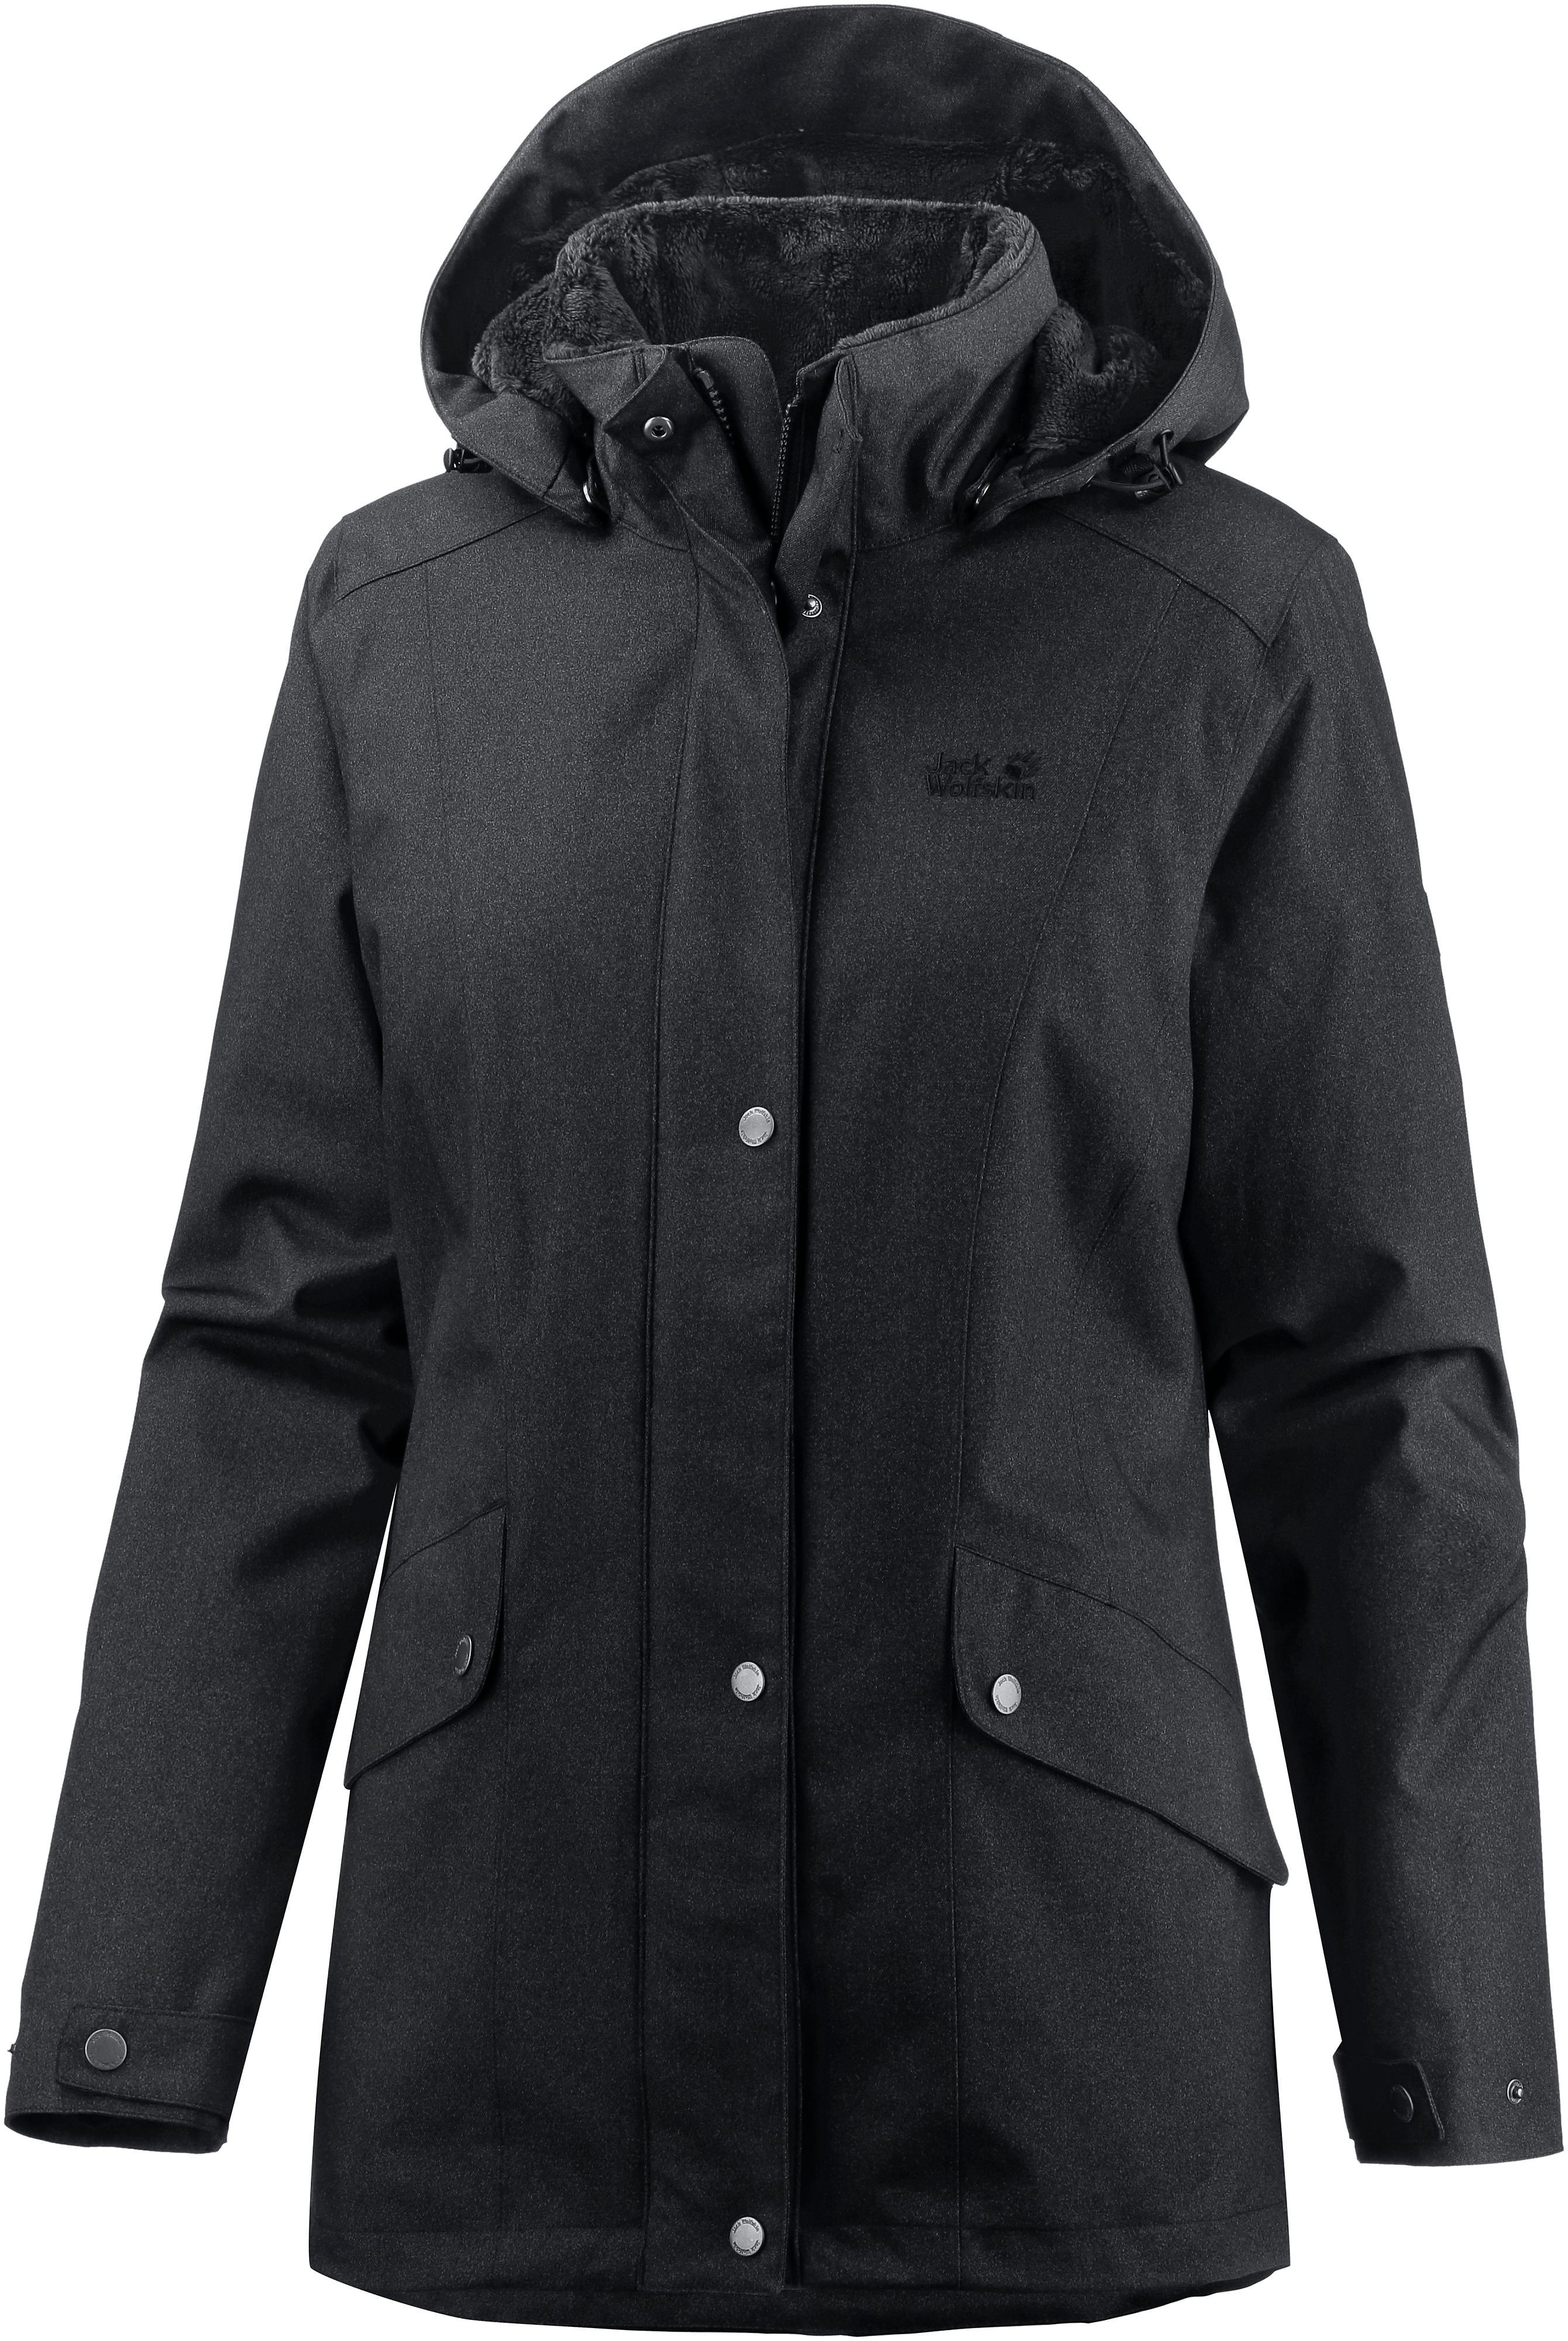 UK Verfügbarkeit besserer Preis für letzte Auswahl Jack Wolfskin Park Avenue Winterjacke Damen black im Online Shop von  SportScheck kaufen